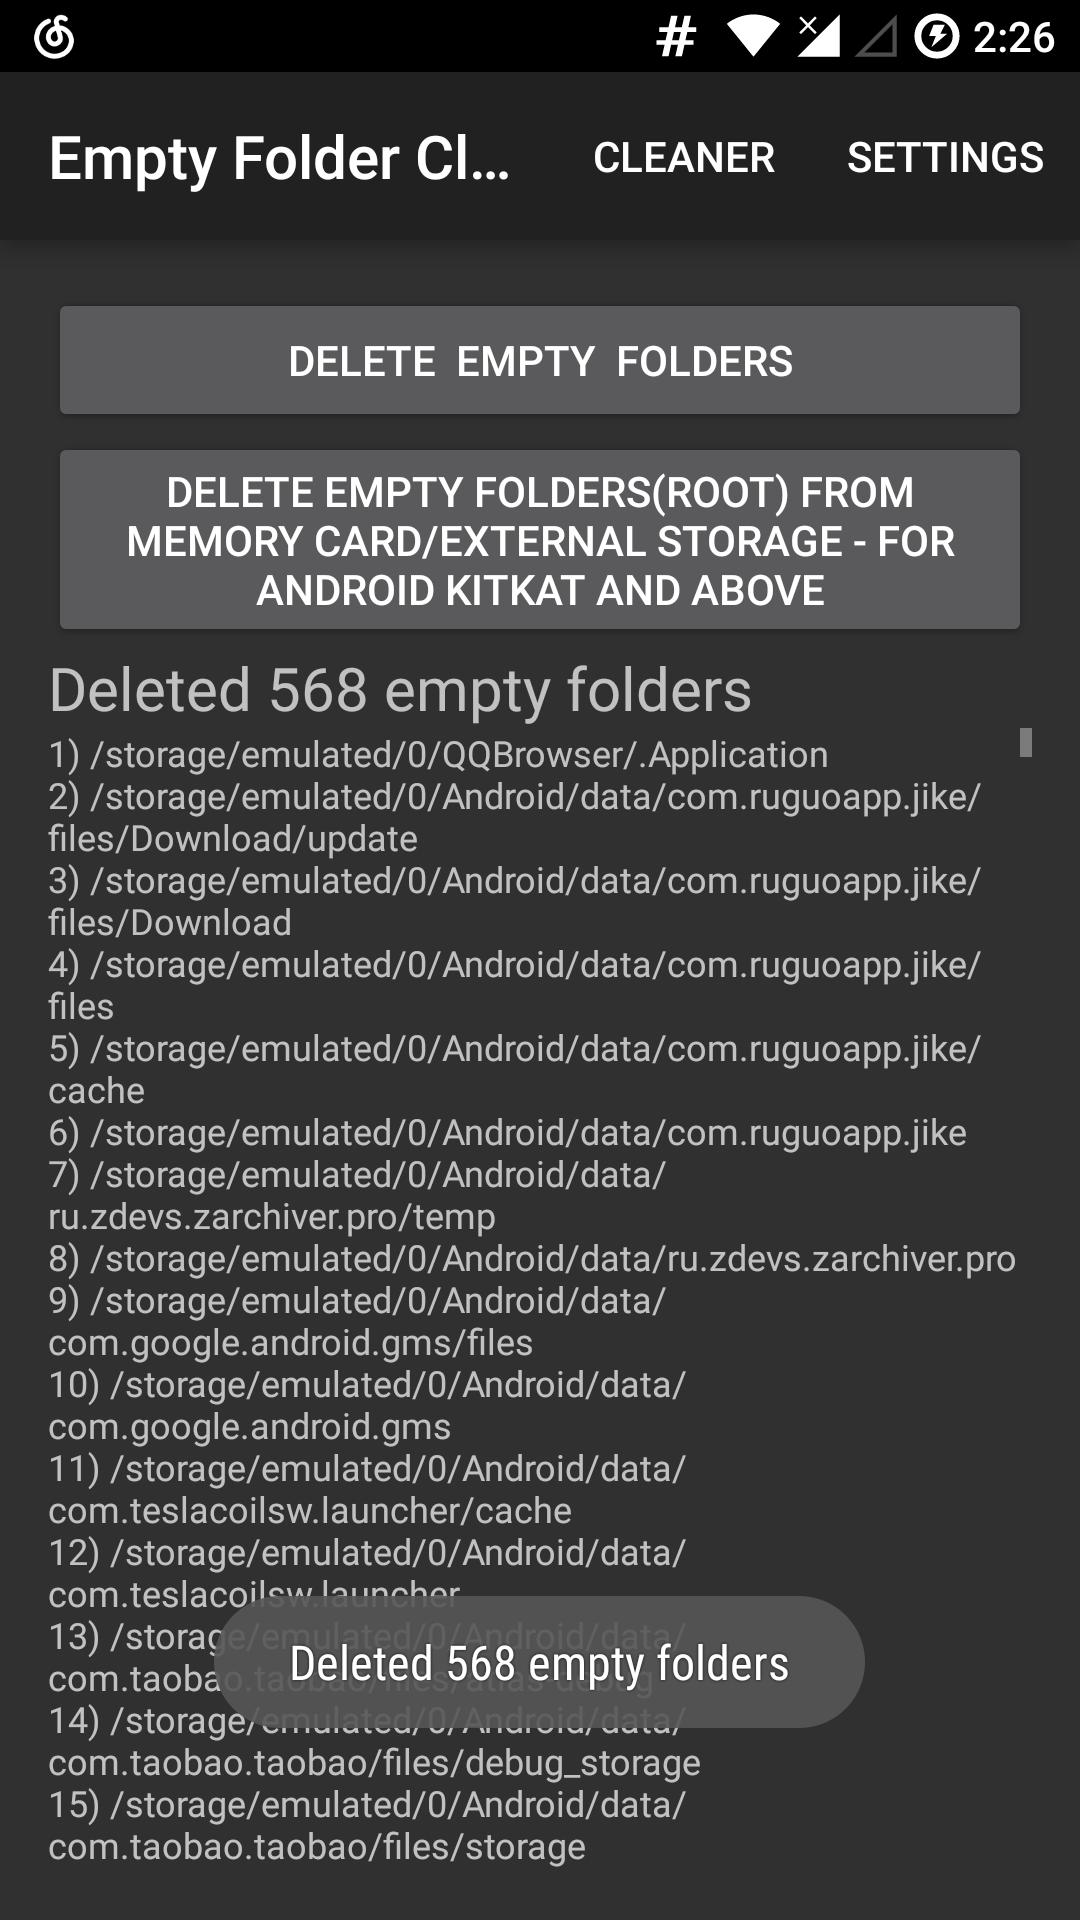 新的一年,给 Android 设备做一次全面的「大扫除」吧